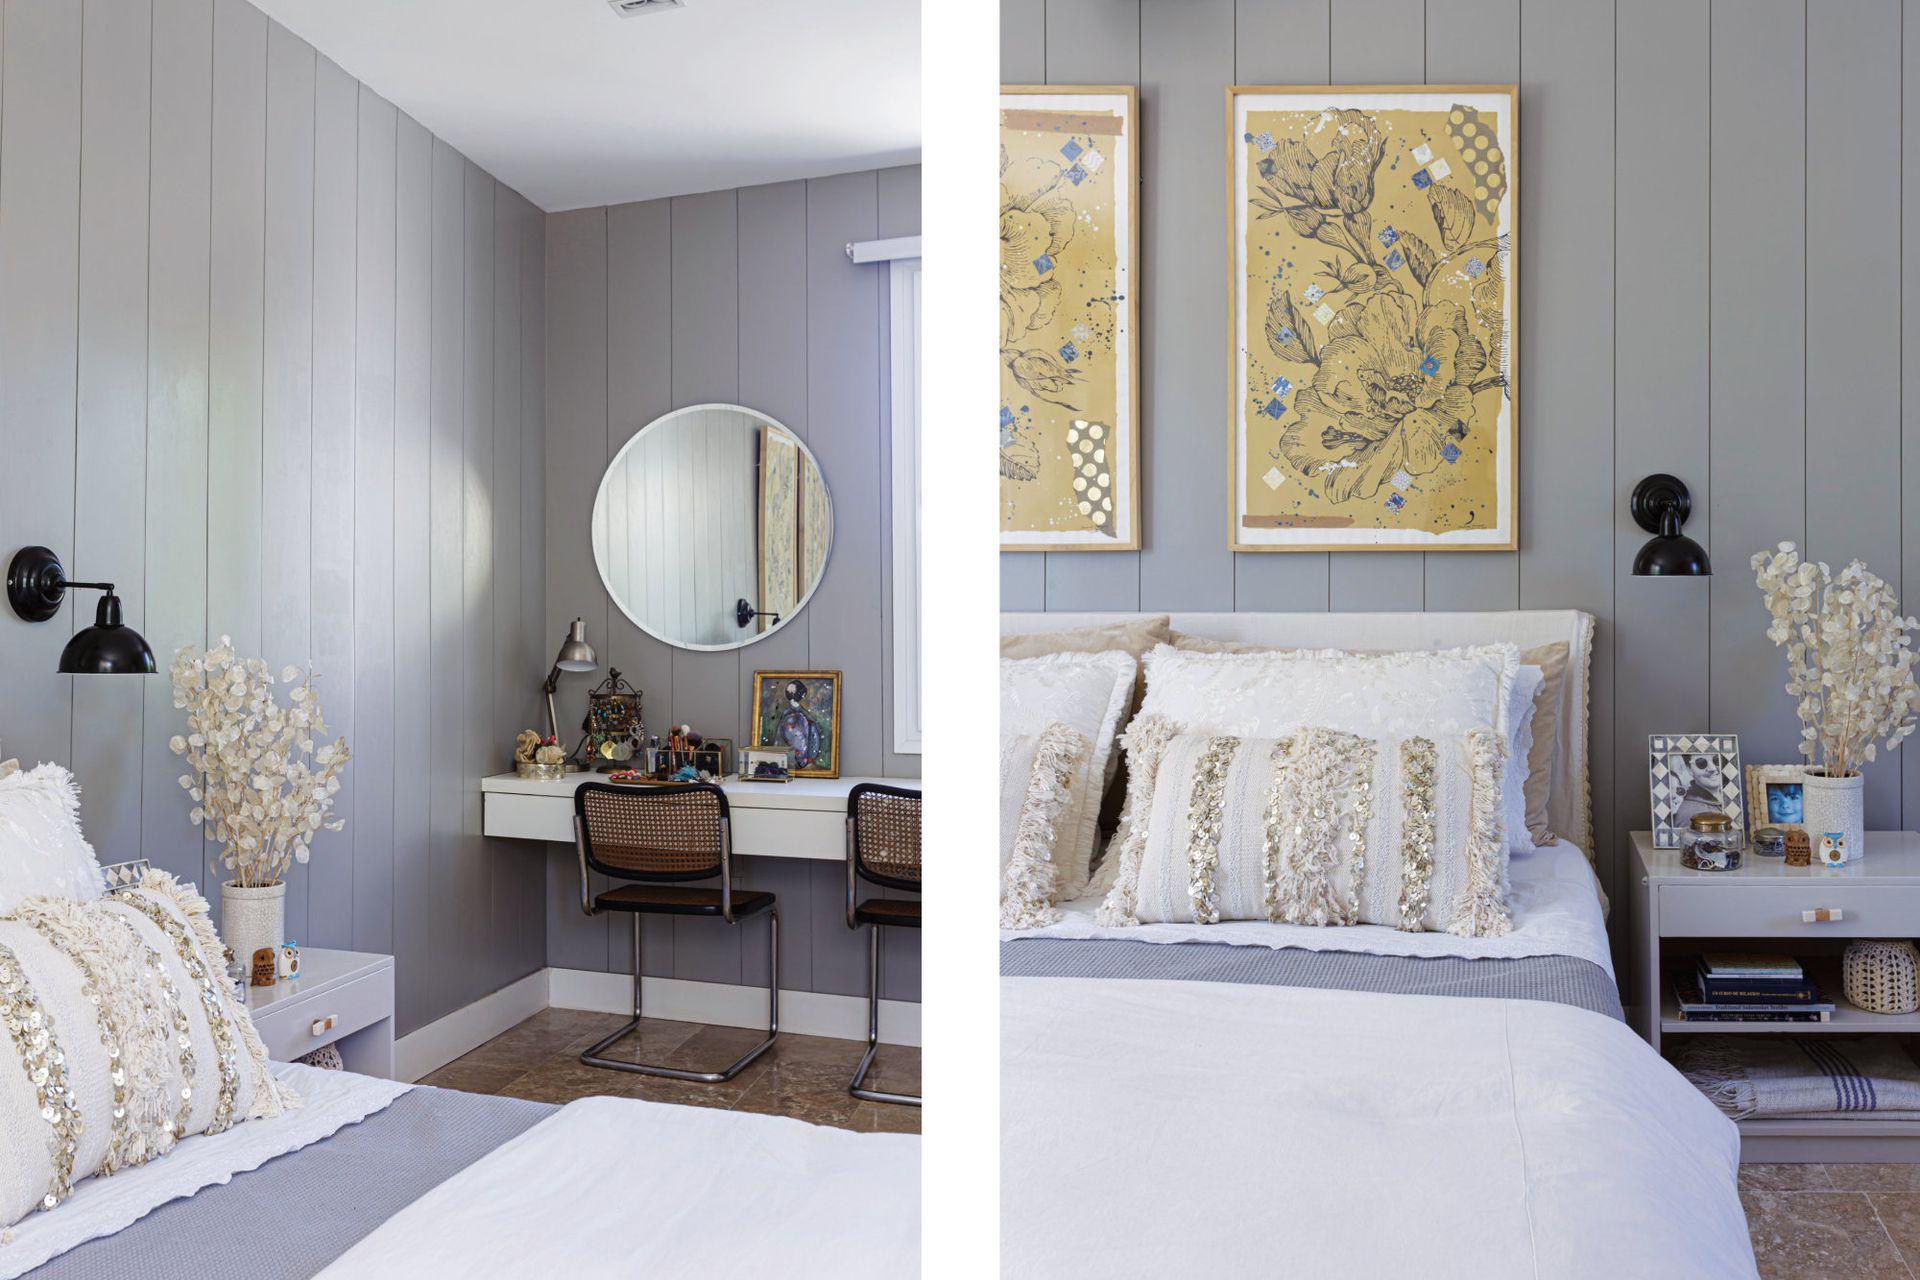 Las alfombras son de Marabierto. Junto a la ventana, un escritorio-toilette con espejo circular biselado de 80 cm de diámetro y sillas 'Cesca' de Marcel Breuer.